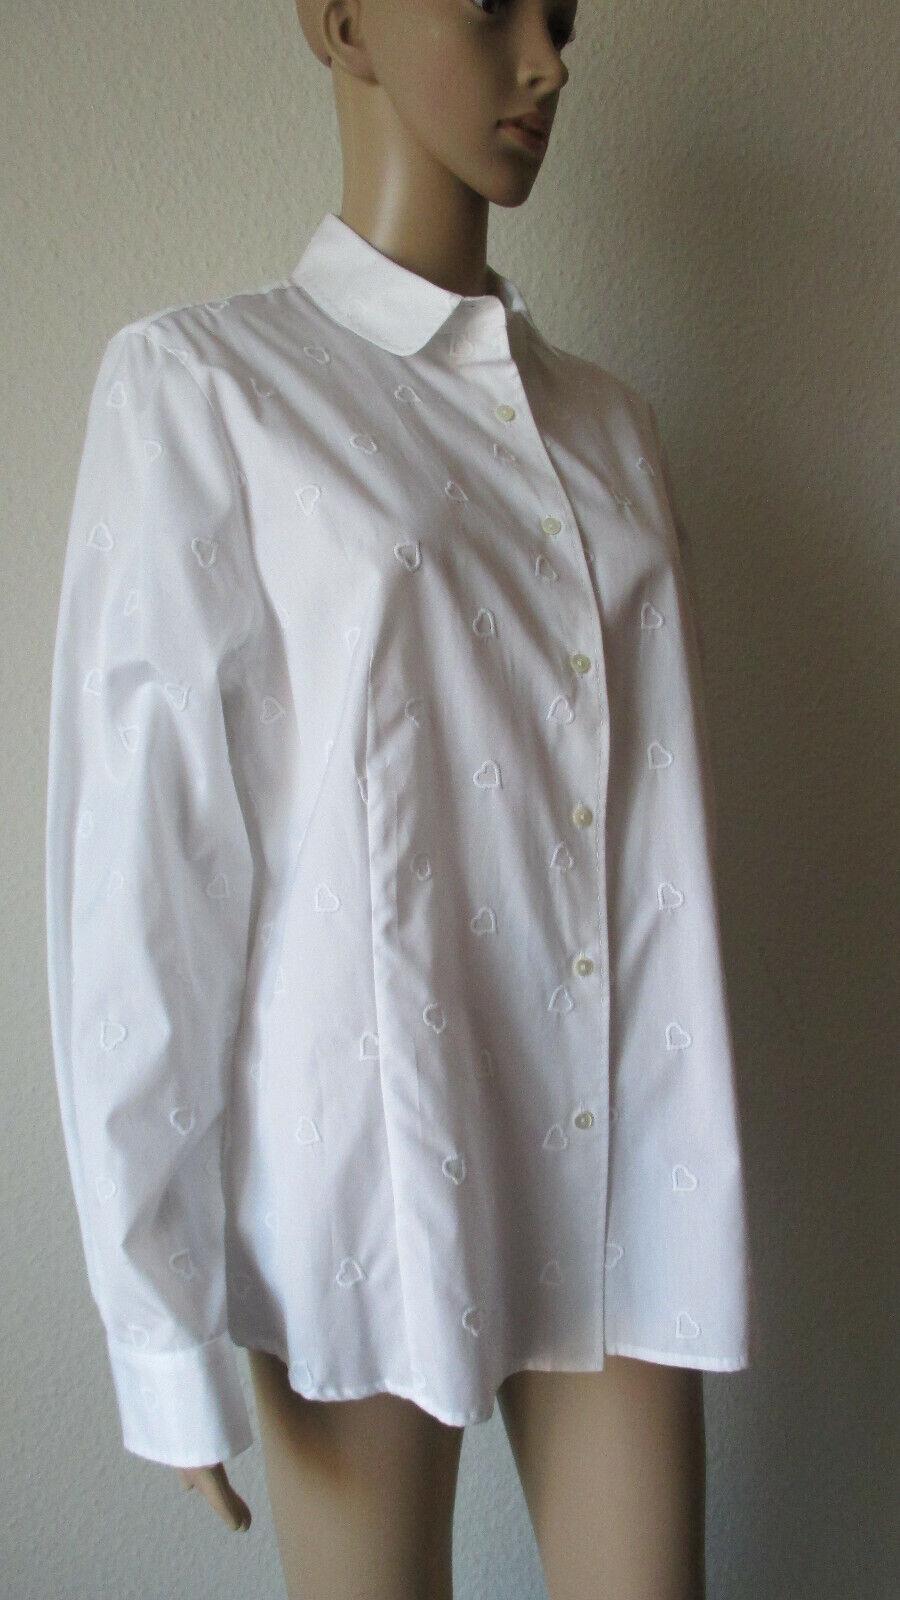 B.M. Company edle weiße Blause, Besteickt mit Herzen,  Größe 46